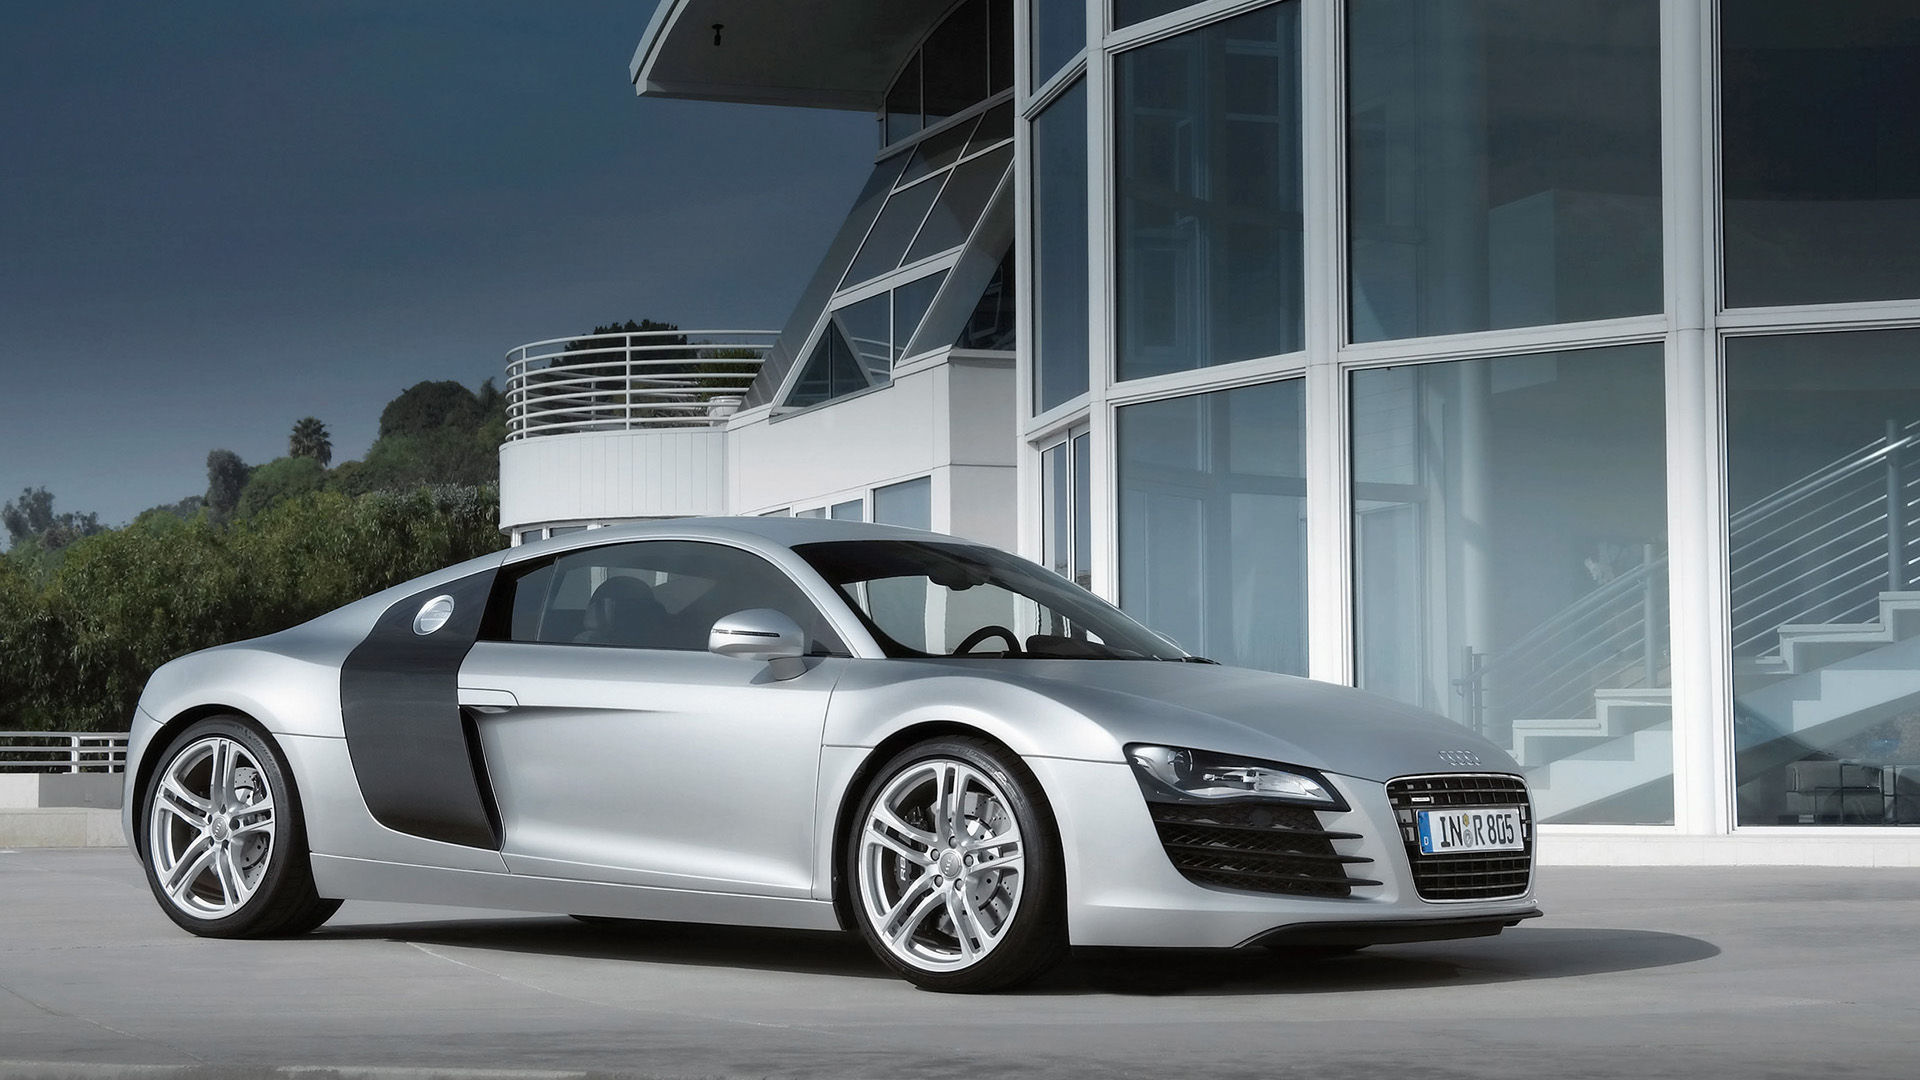 Kekurangan Audi R8 2007 Tangguh